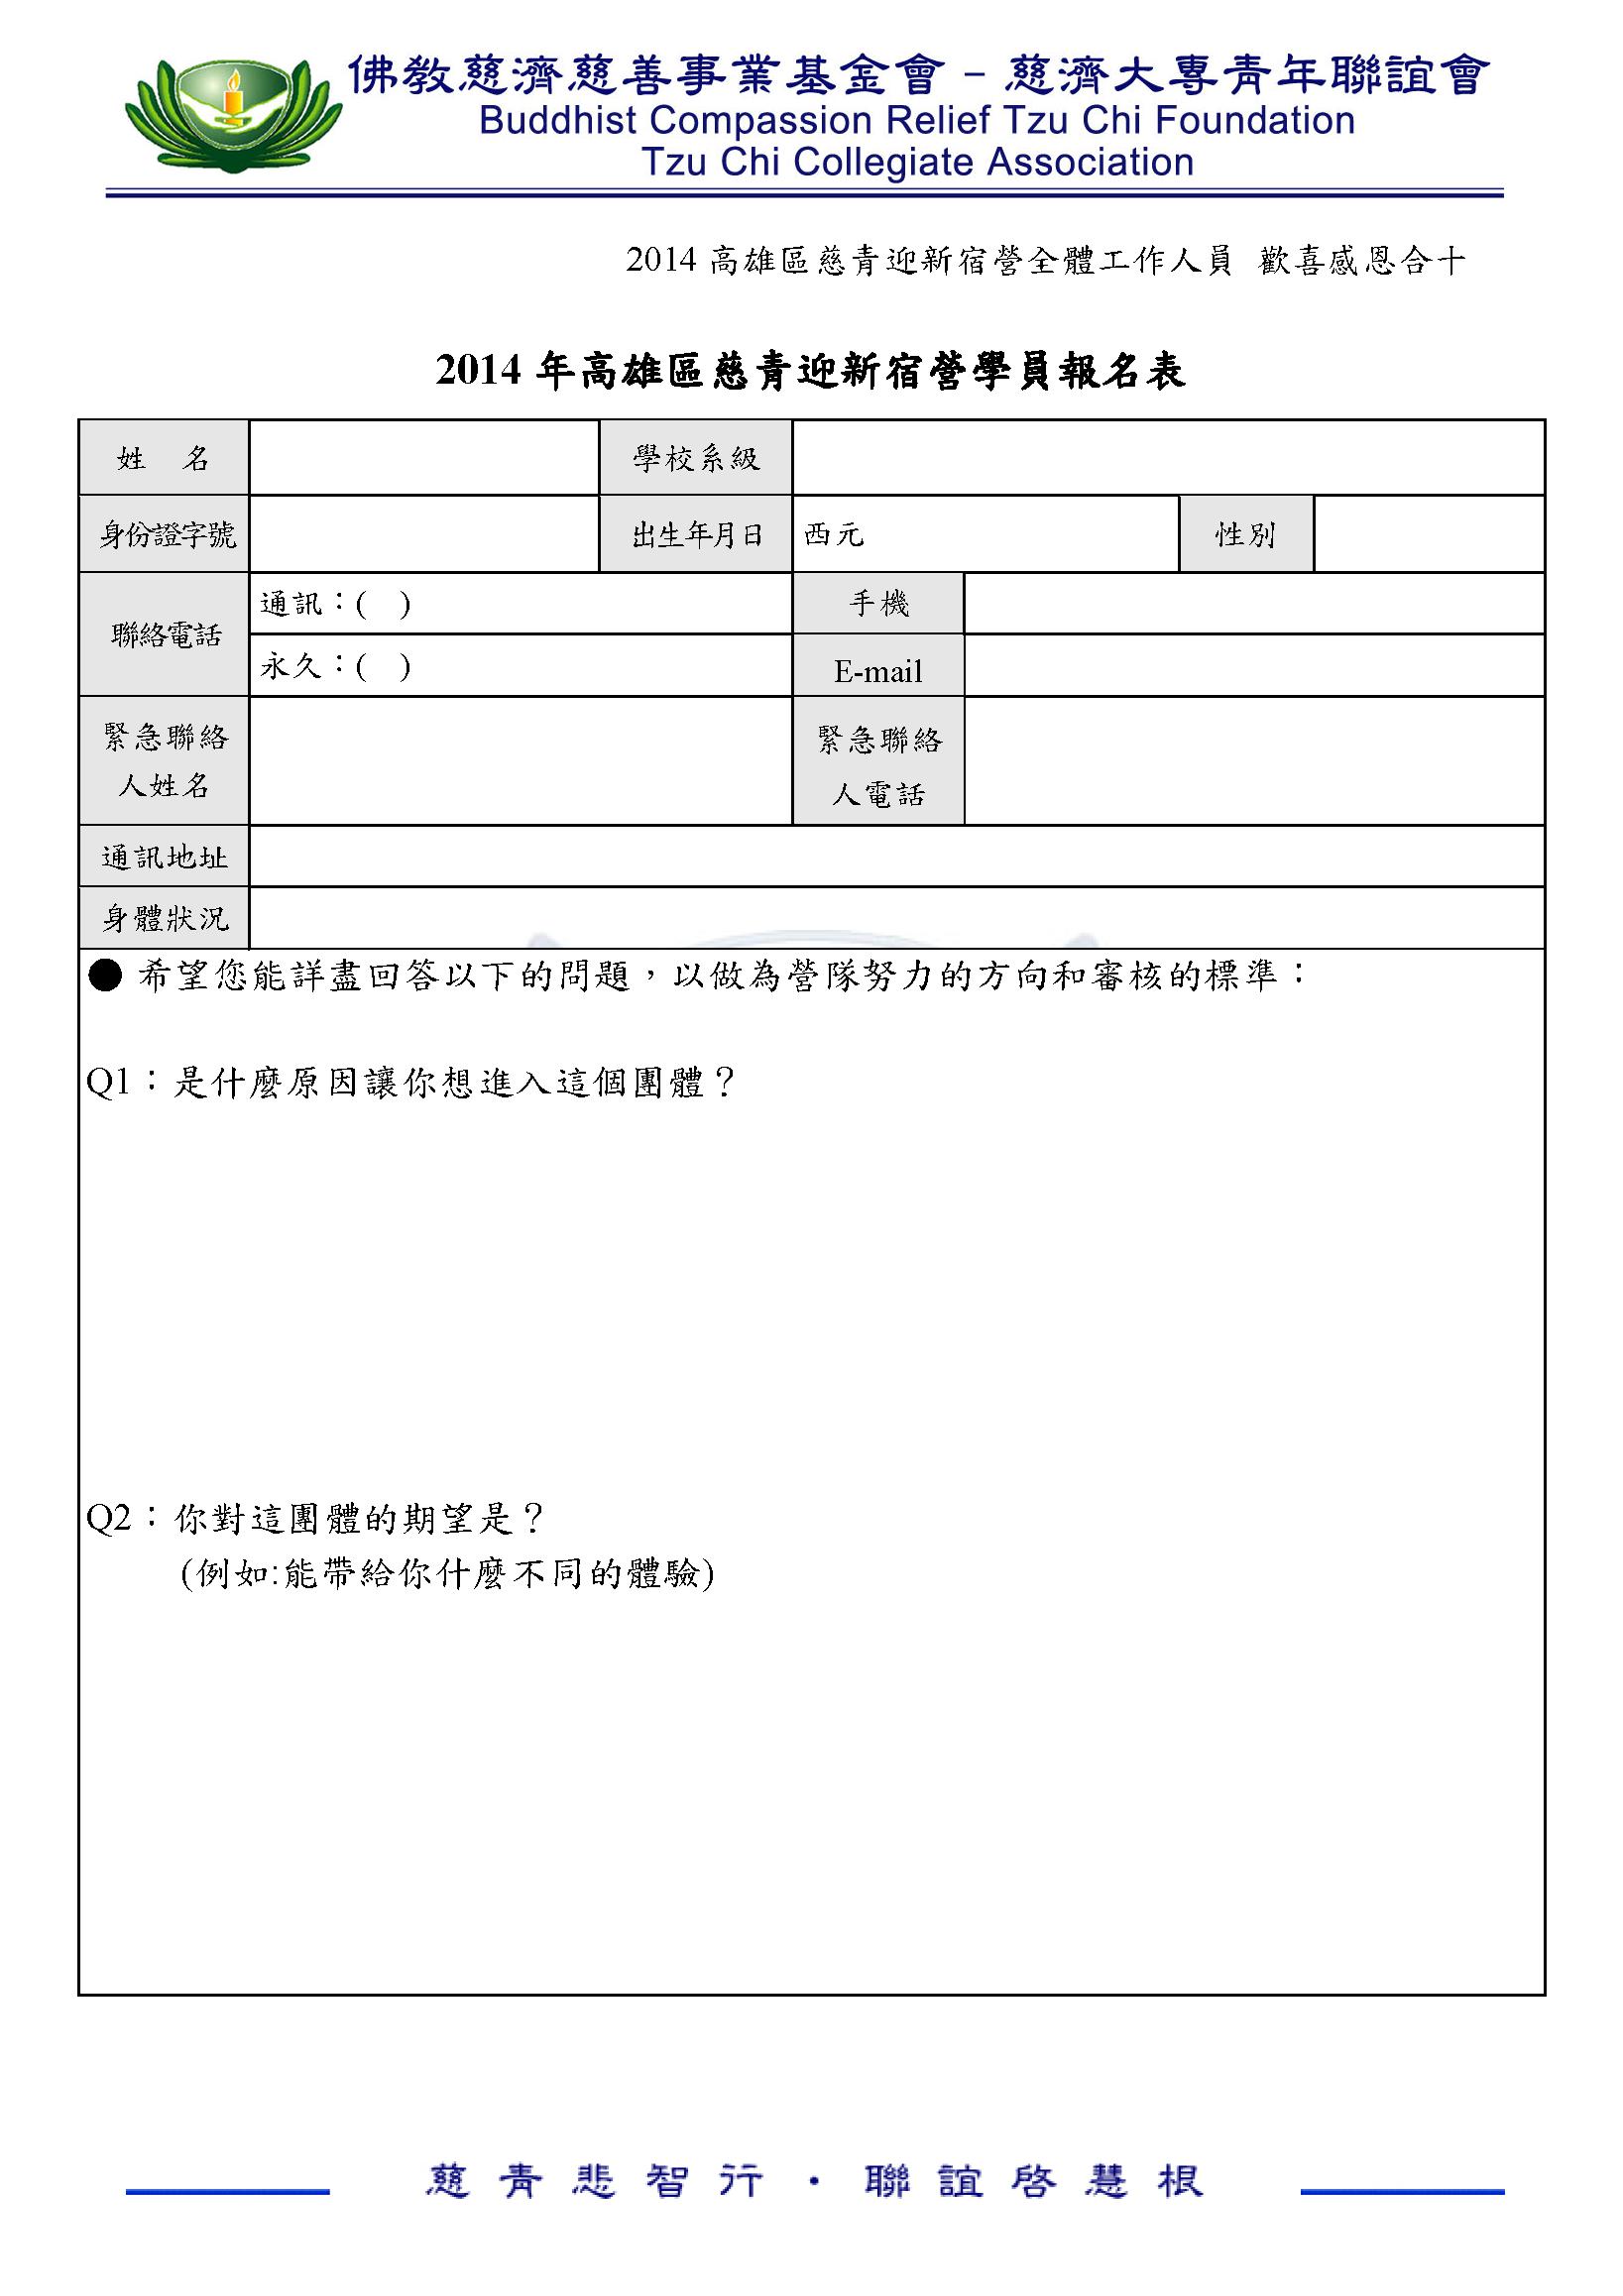 2014高雄區慈青迎新宿營報名簡章_頁面_2.png